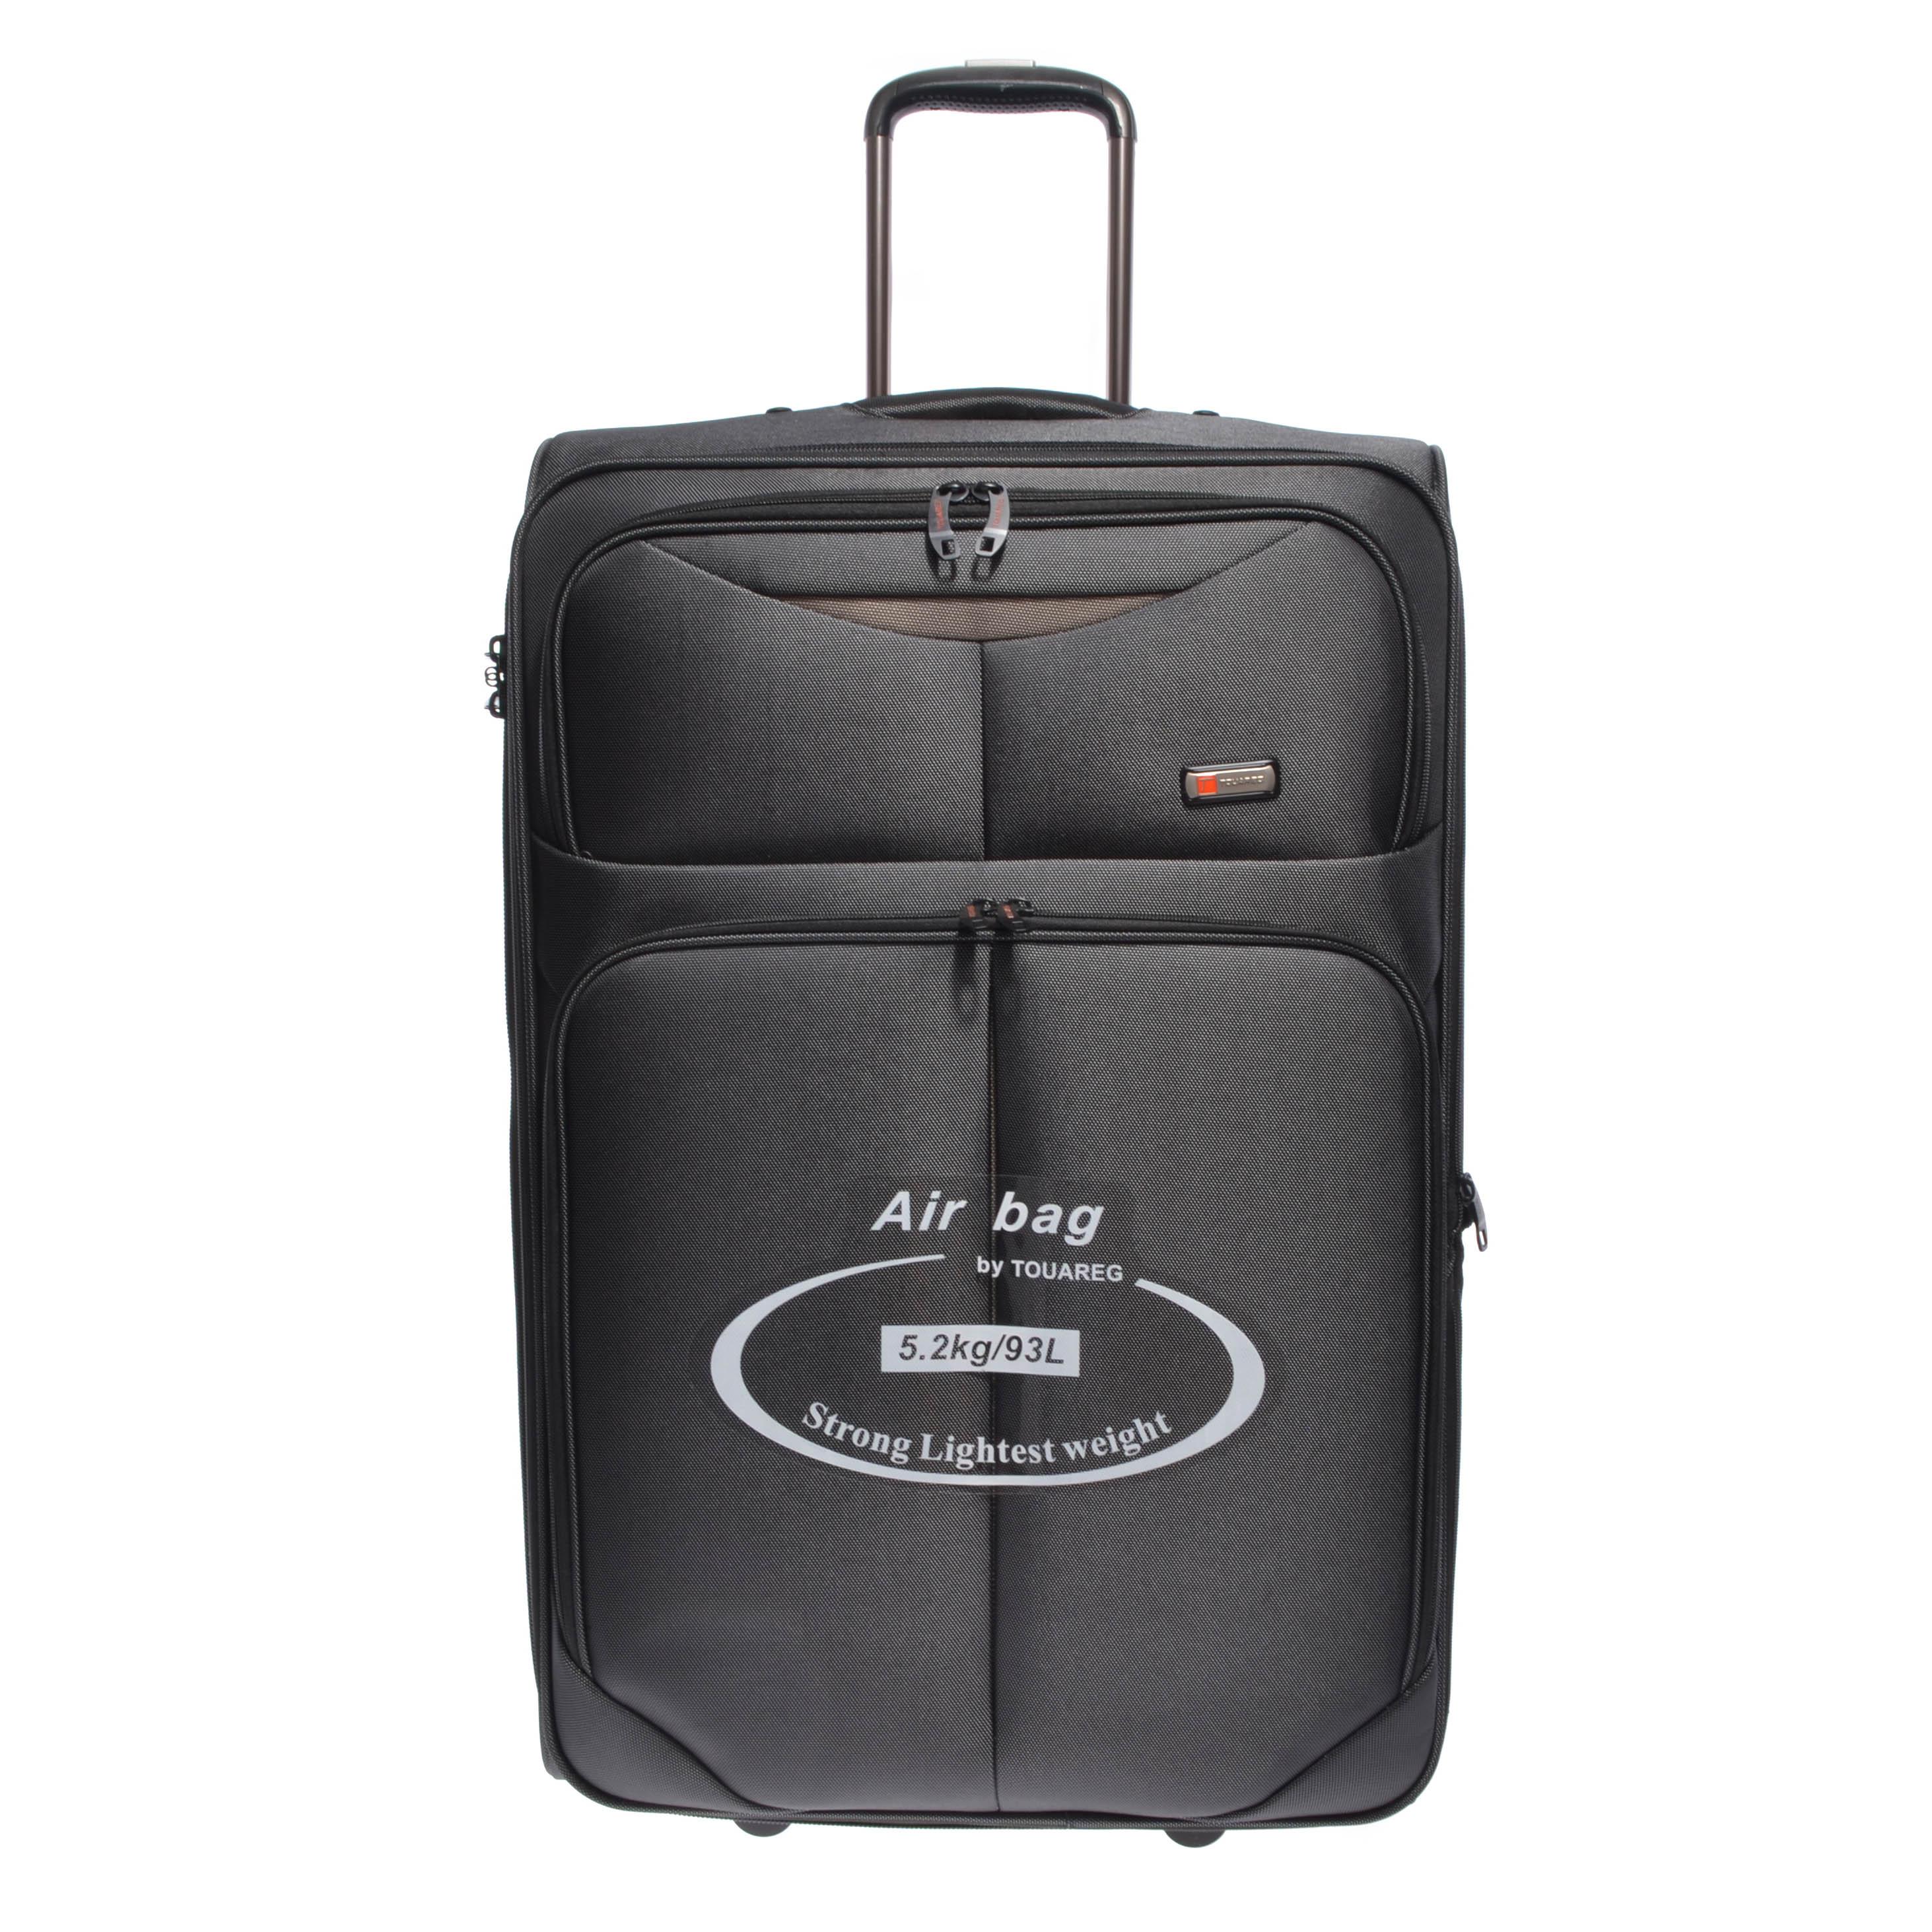 51a2c030d17b C11-736B-1 Szürke Touareg Nagy Méretű Bőrönd - NAGY MÉRETŰ BŐRÖNDÖK - Táska  webáruház - Minőségi táskák mindenkinek